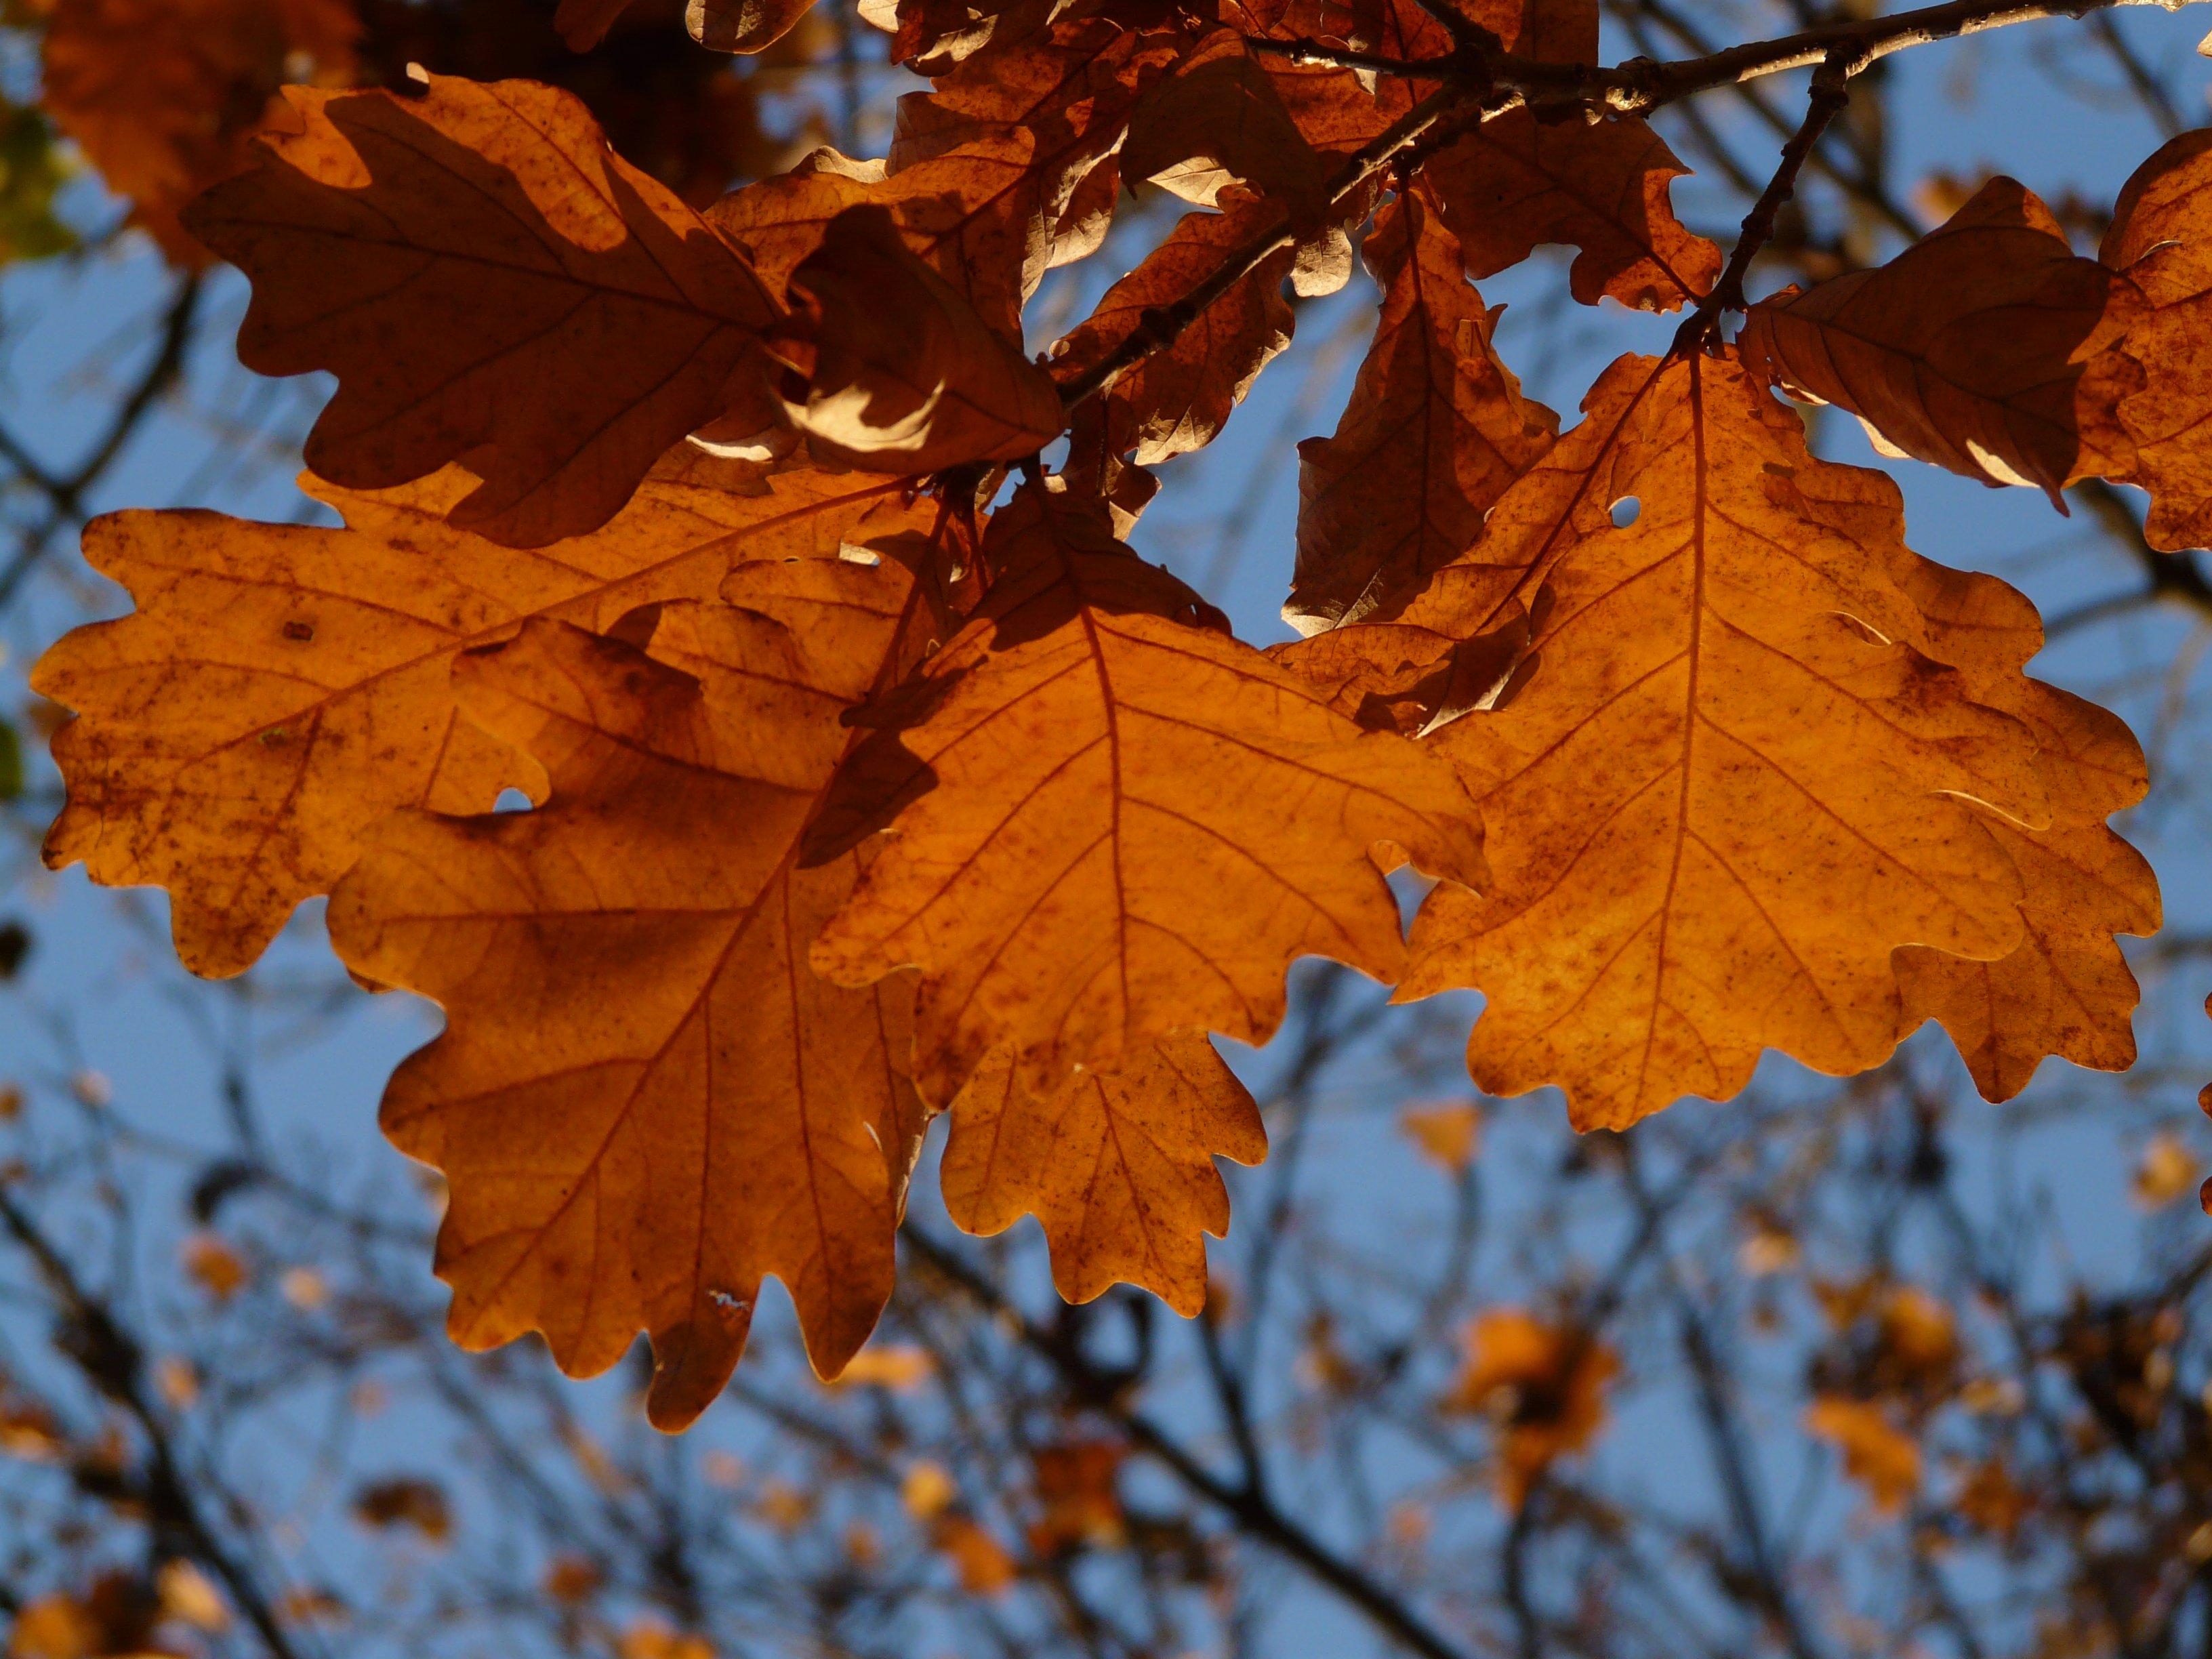 фото осенних листьев деревьев с названиями ремонт